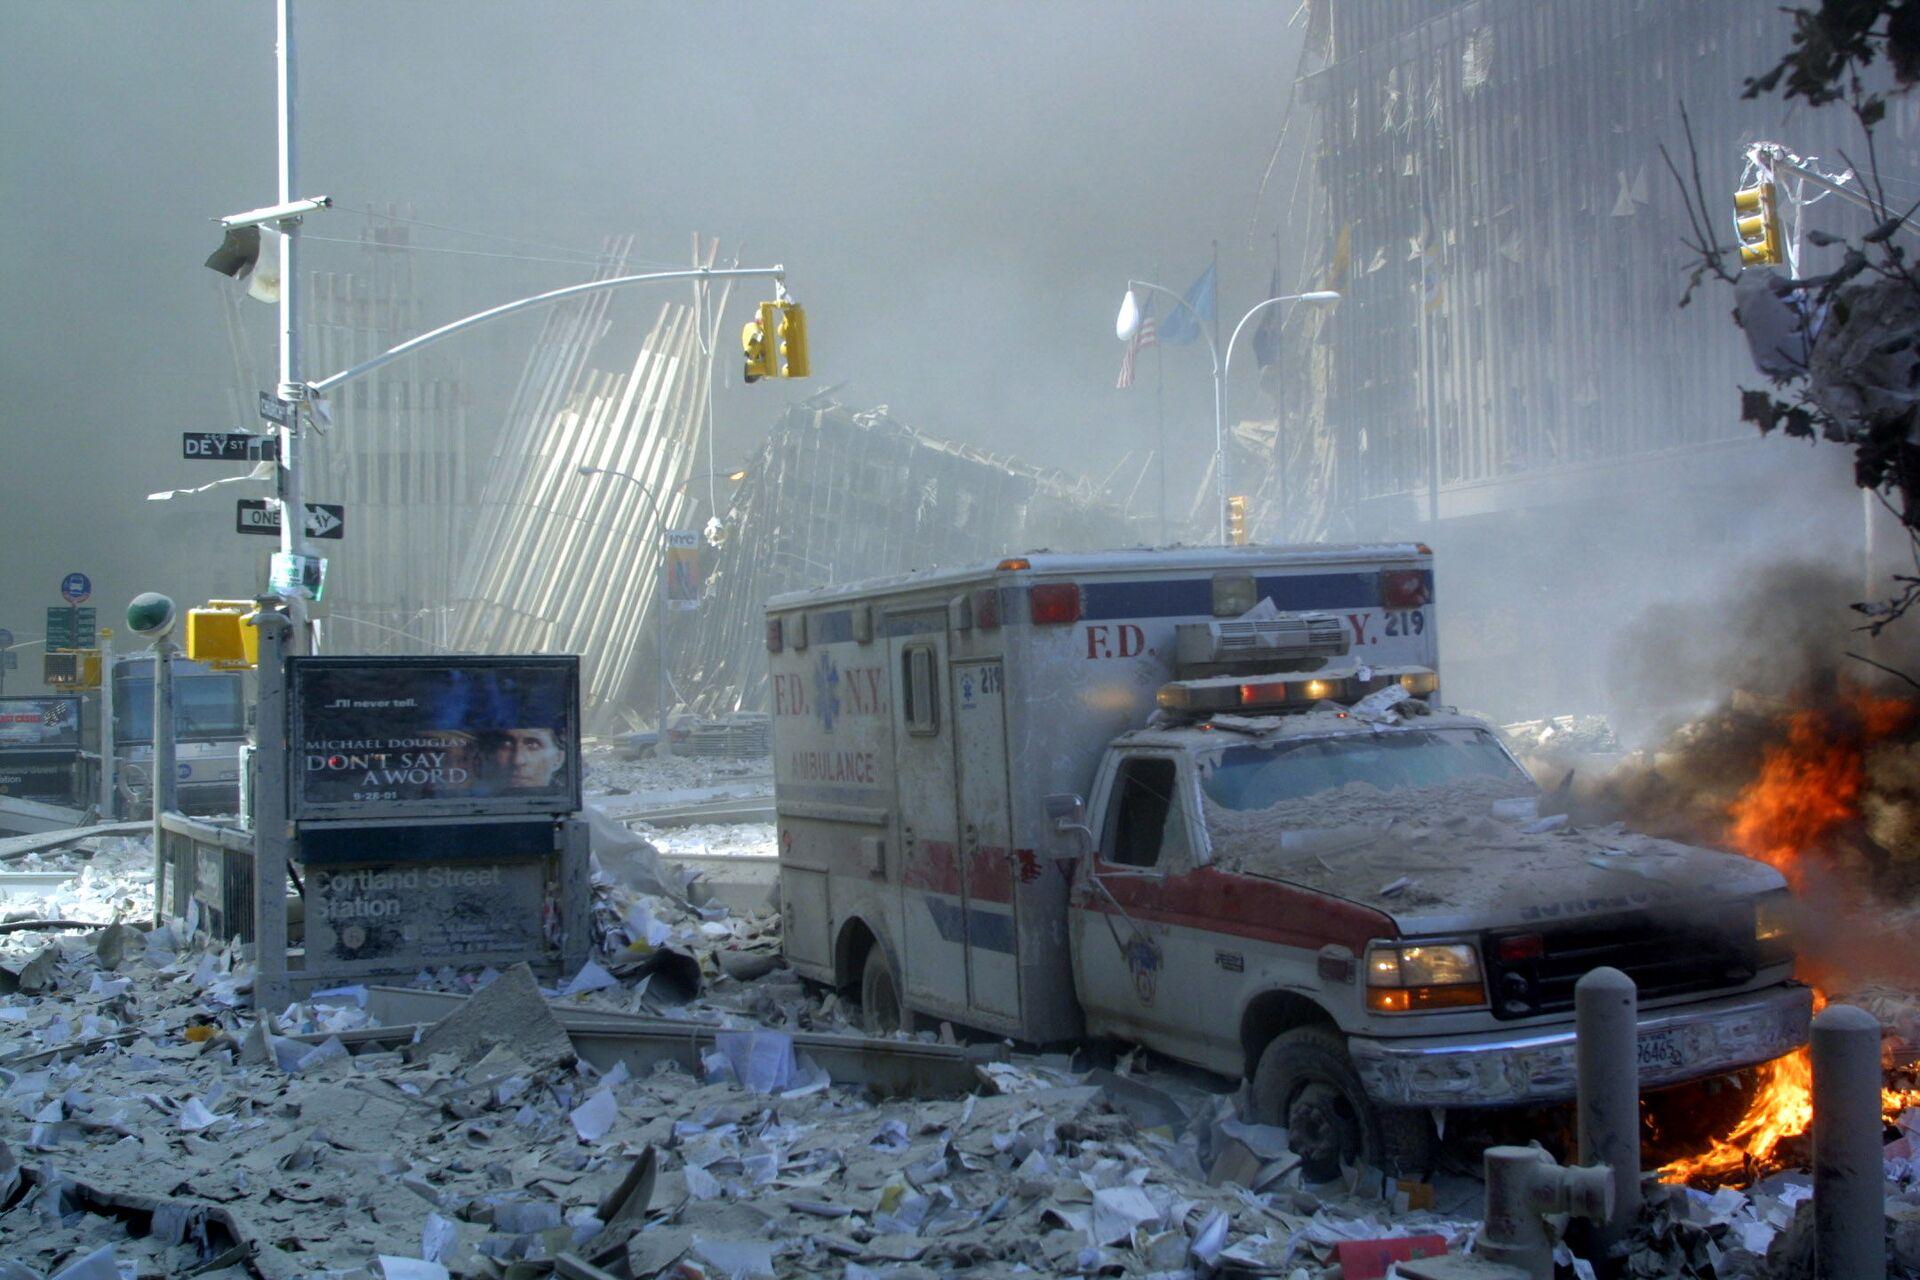 Поврежденный автомобиль скорой помощи и покрытая обломками улица после обрушения первого здания Всемирного торгового центра в Нью-Йорке - Sputnik Беларусь, 1920, 11.09.2021